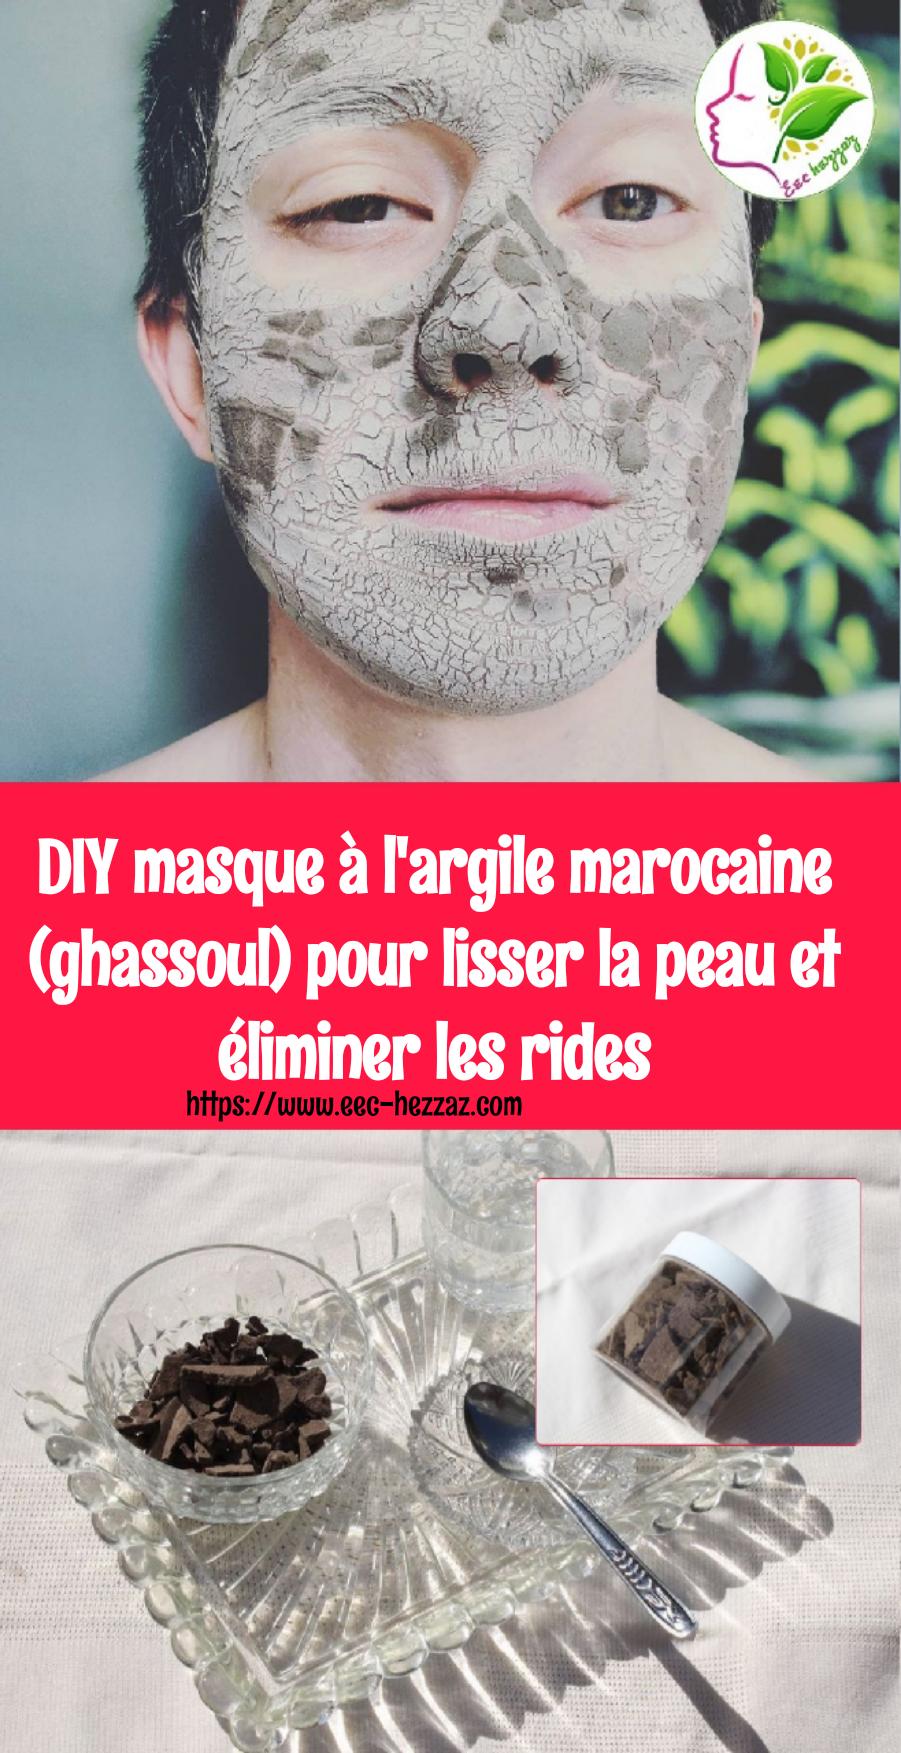 DIY masque à l'argile marocaine (ghassoul) pour lisser la peau et éliminer les rides